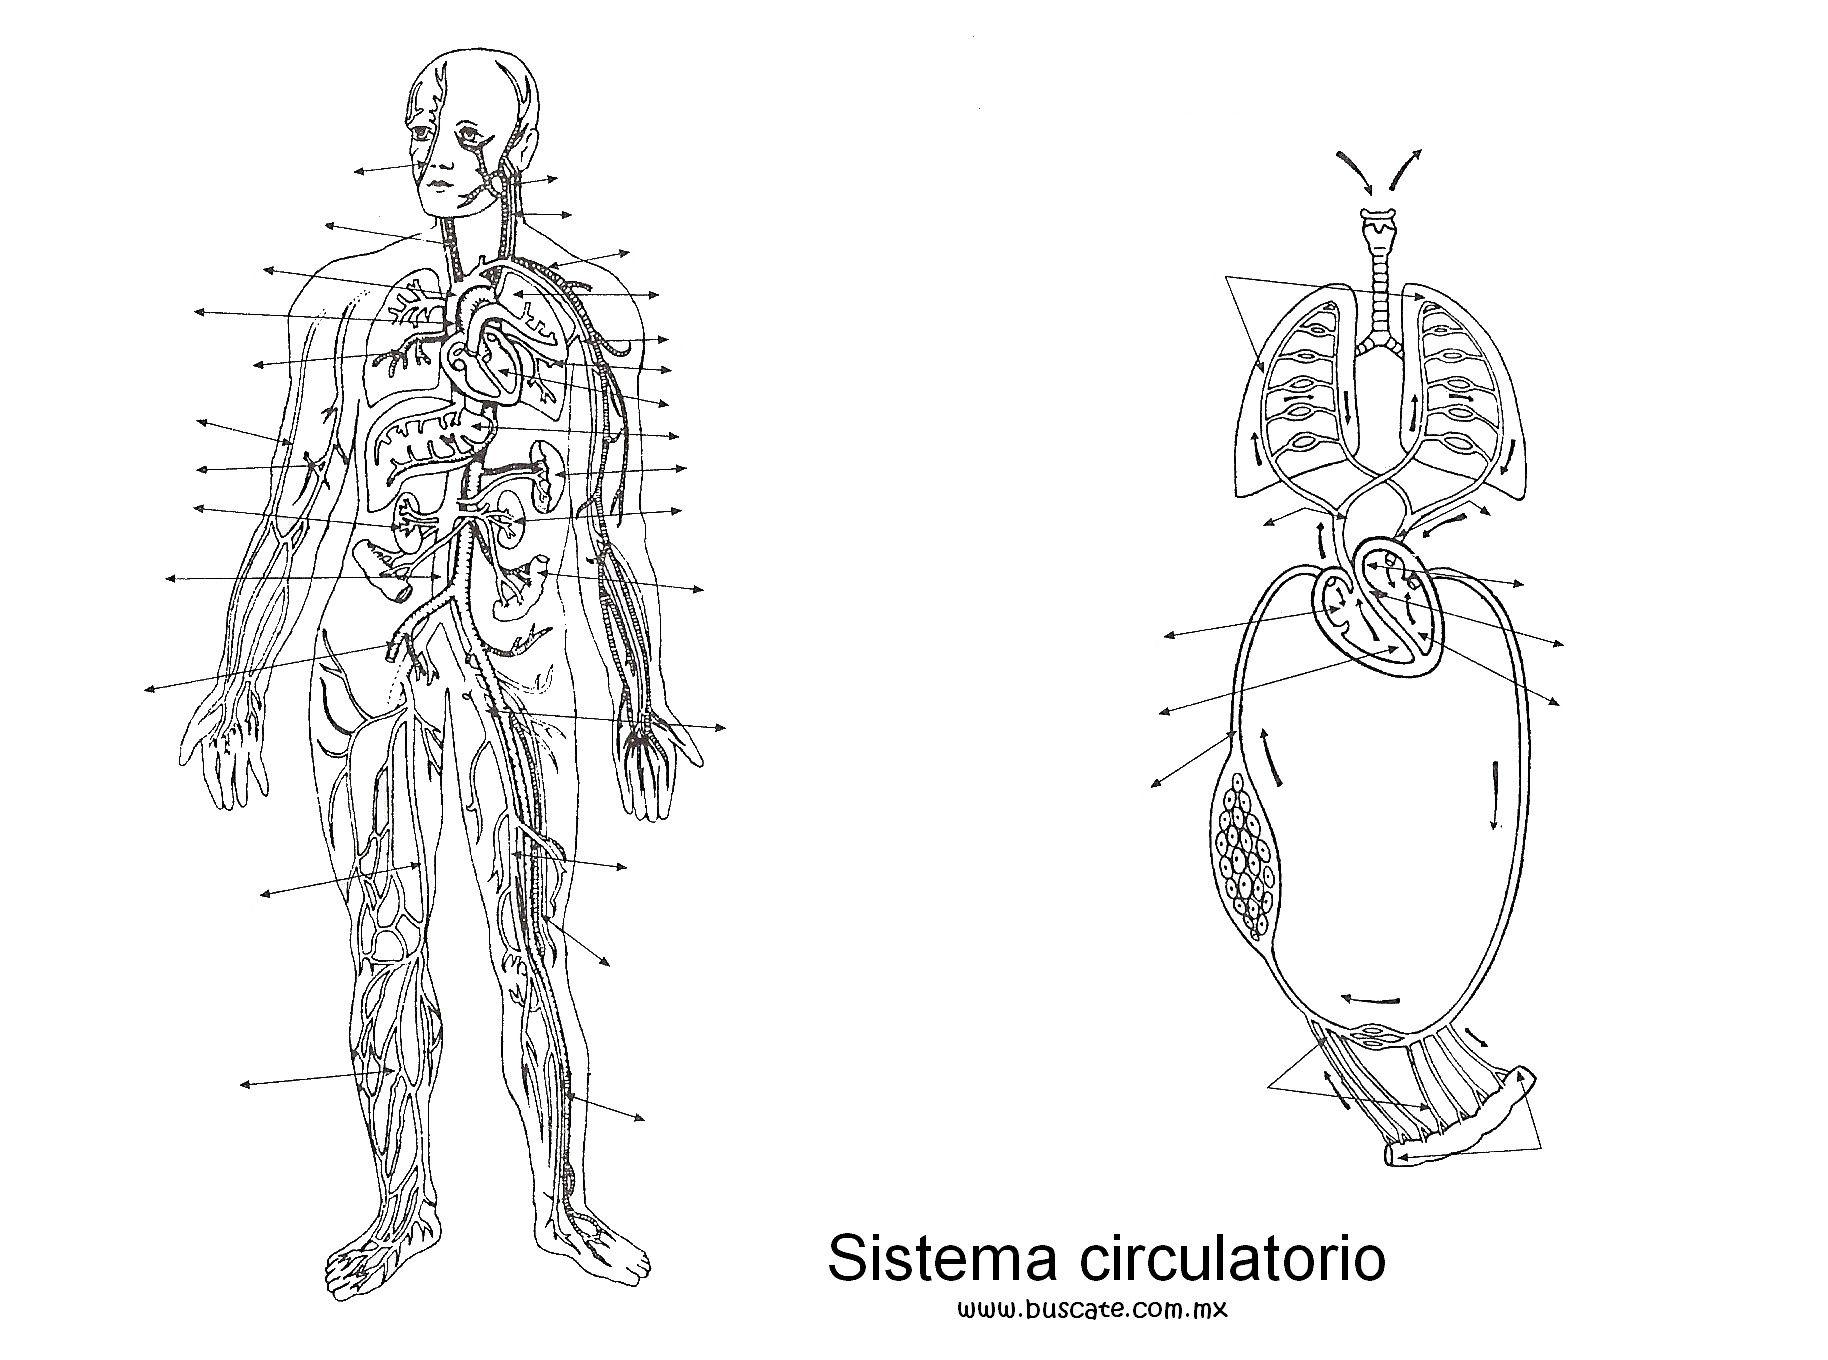 Esquema del sistema circulatorio, sin los nombres de sus partes ...